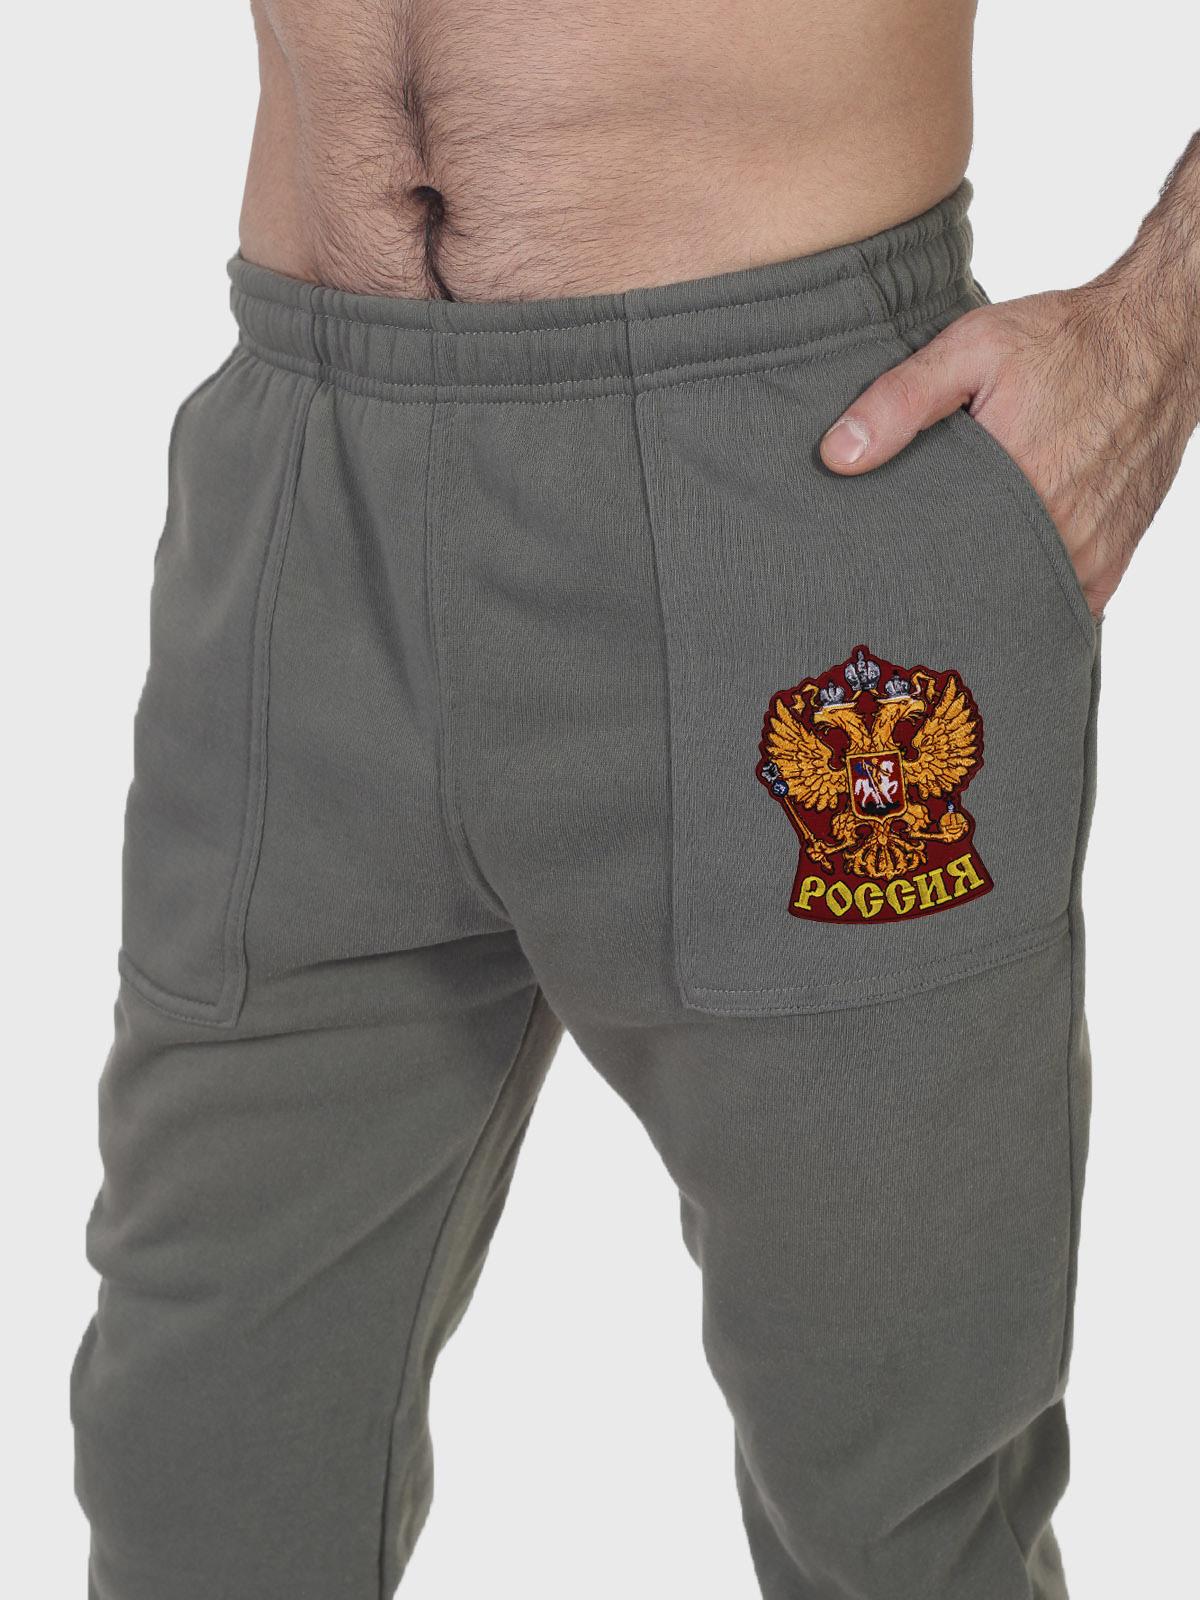 Утепленные мужские спортивные штаны с гербом России заказать в Военпро